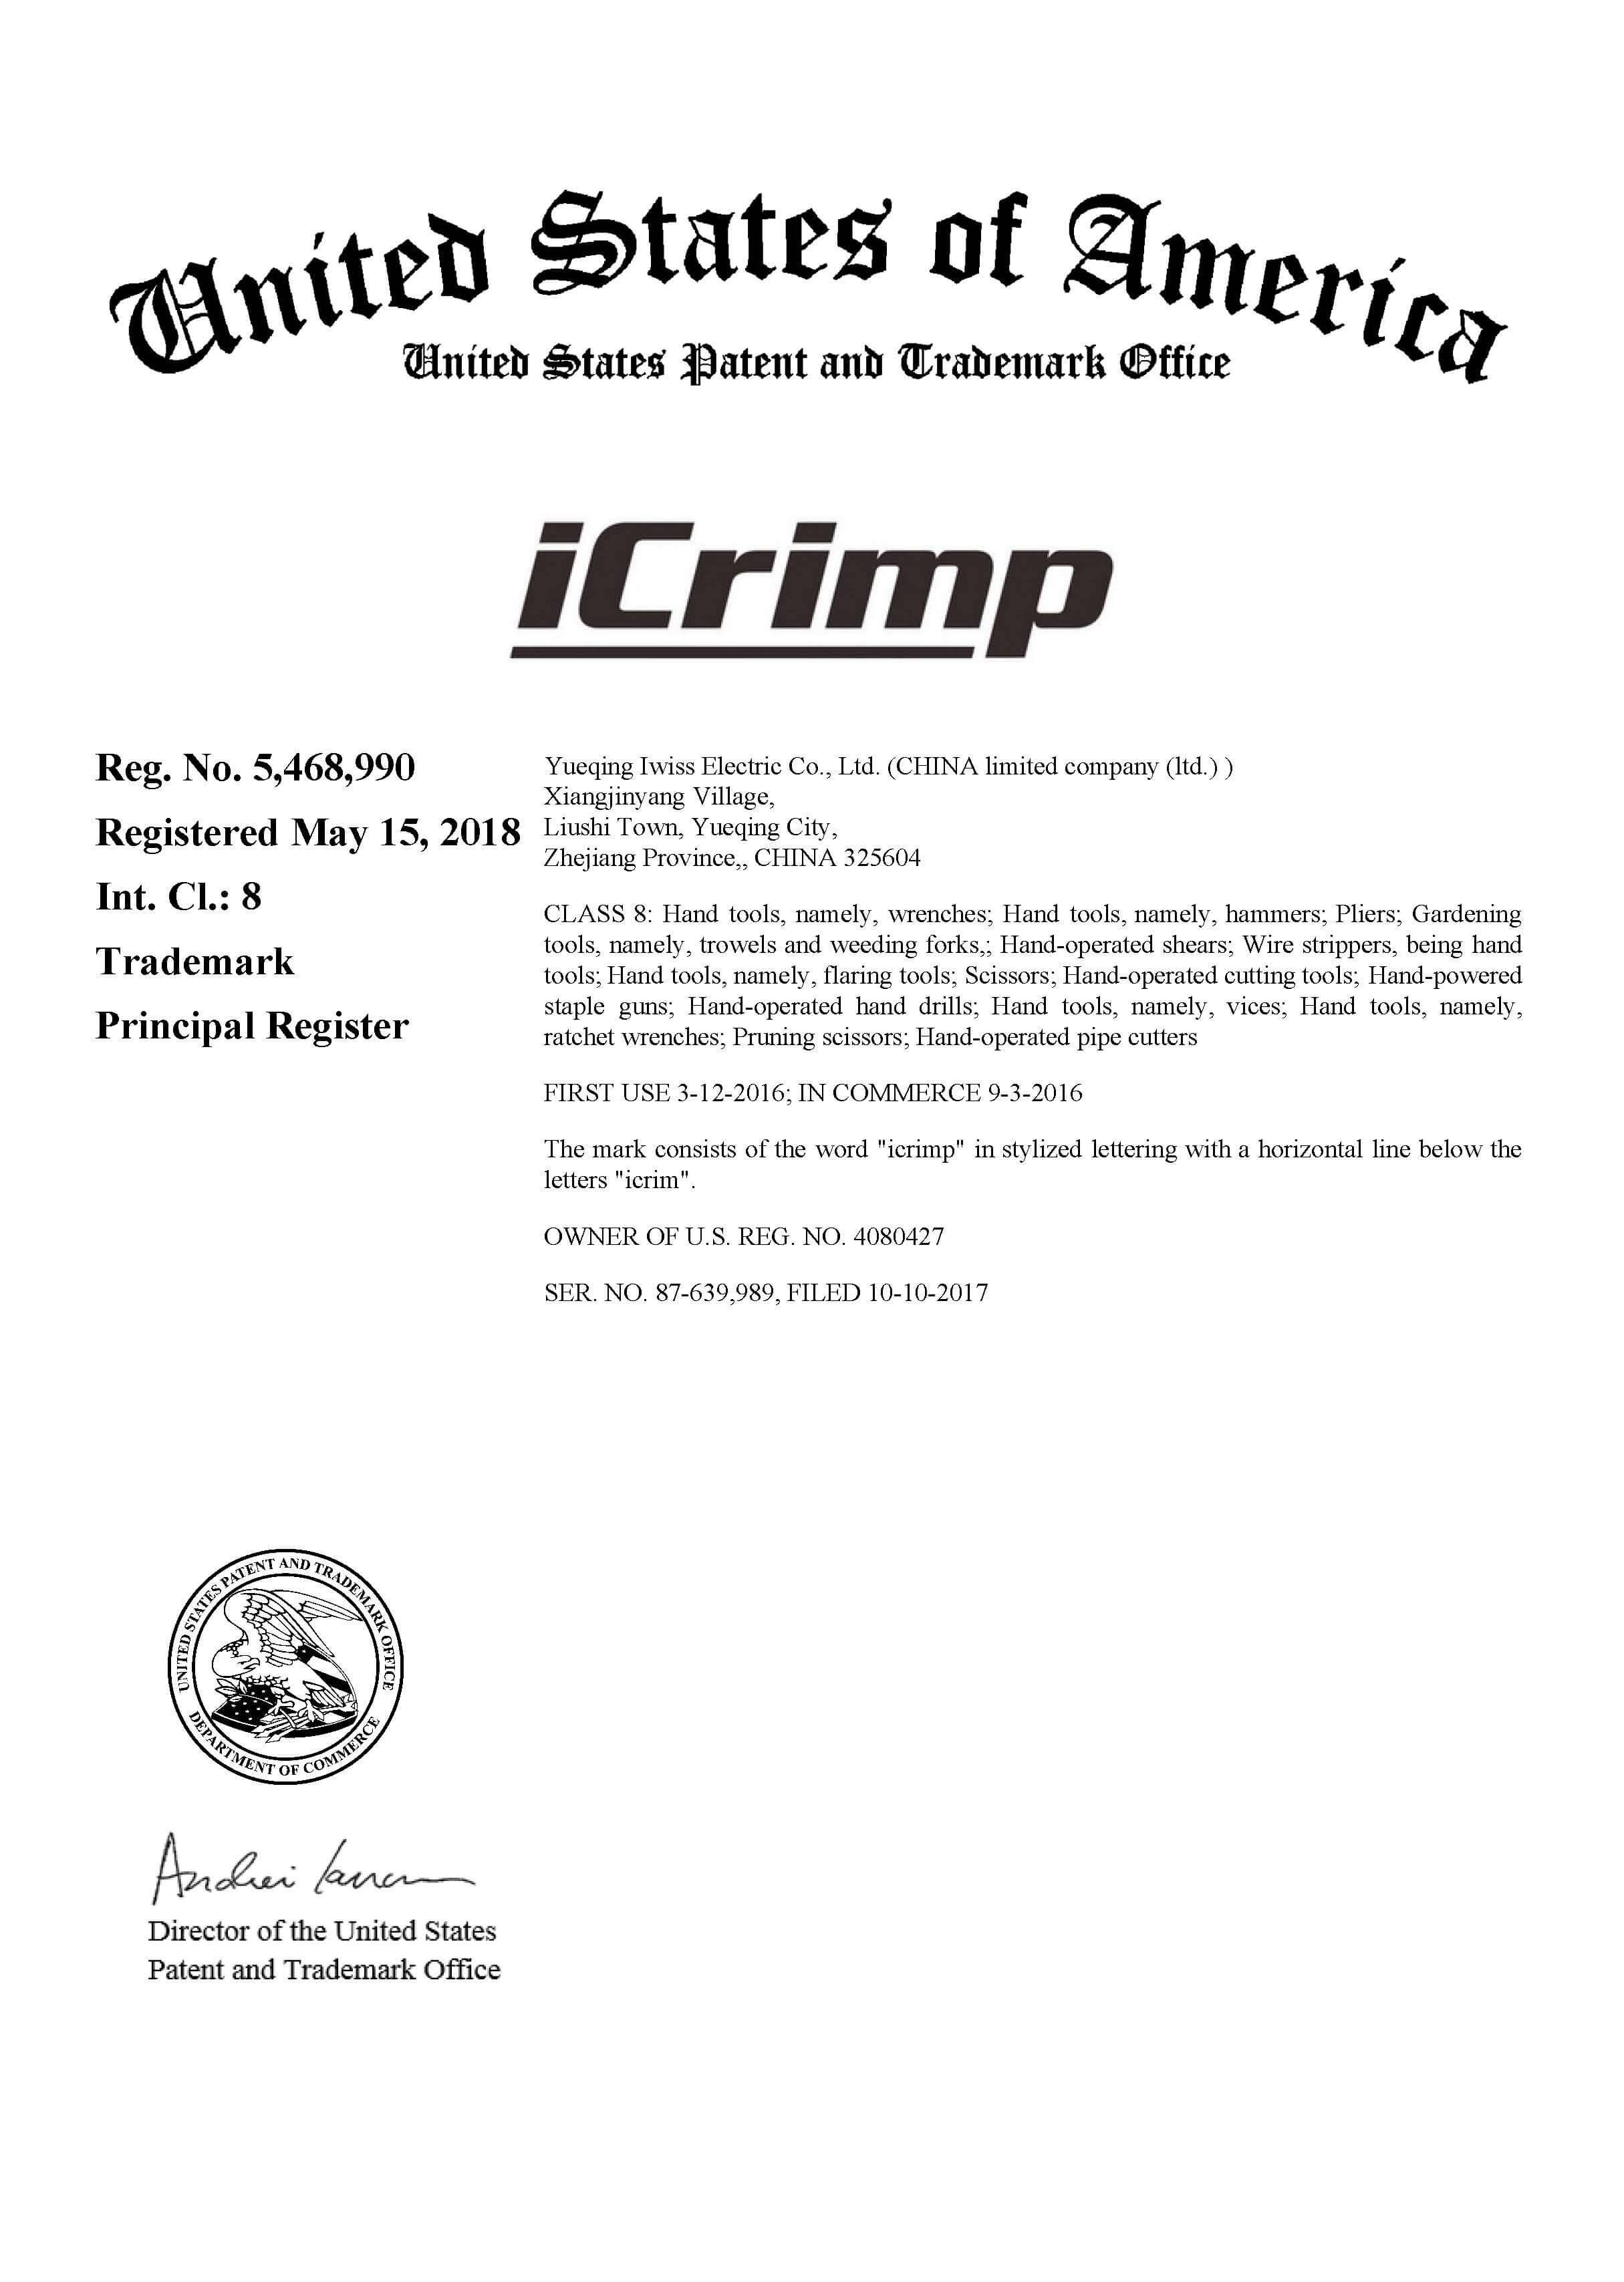 Archivo de certificación Icrimp USA int.cl 8